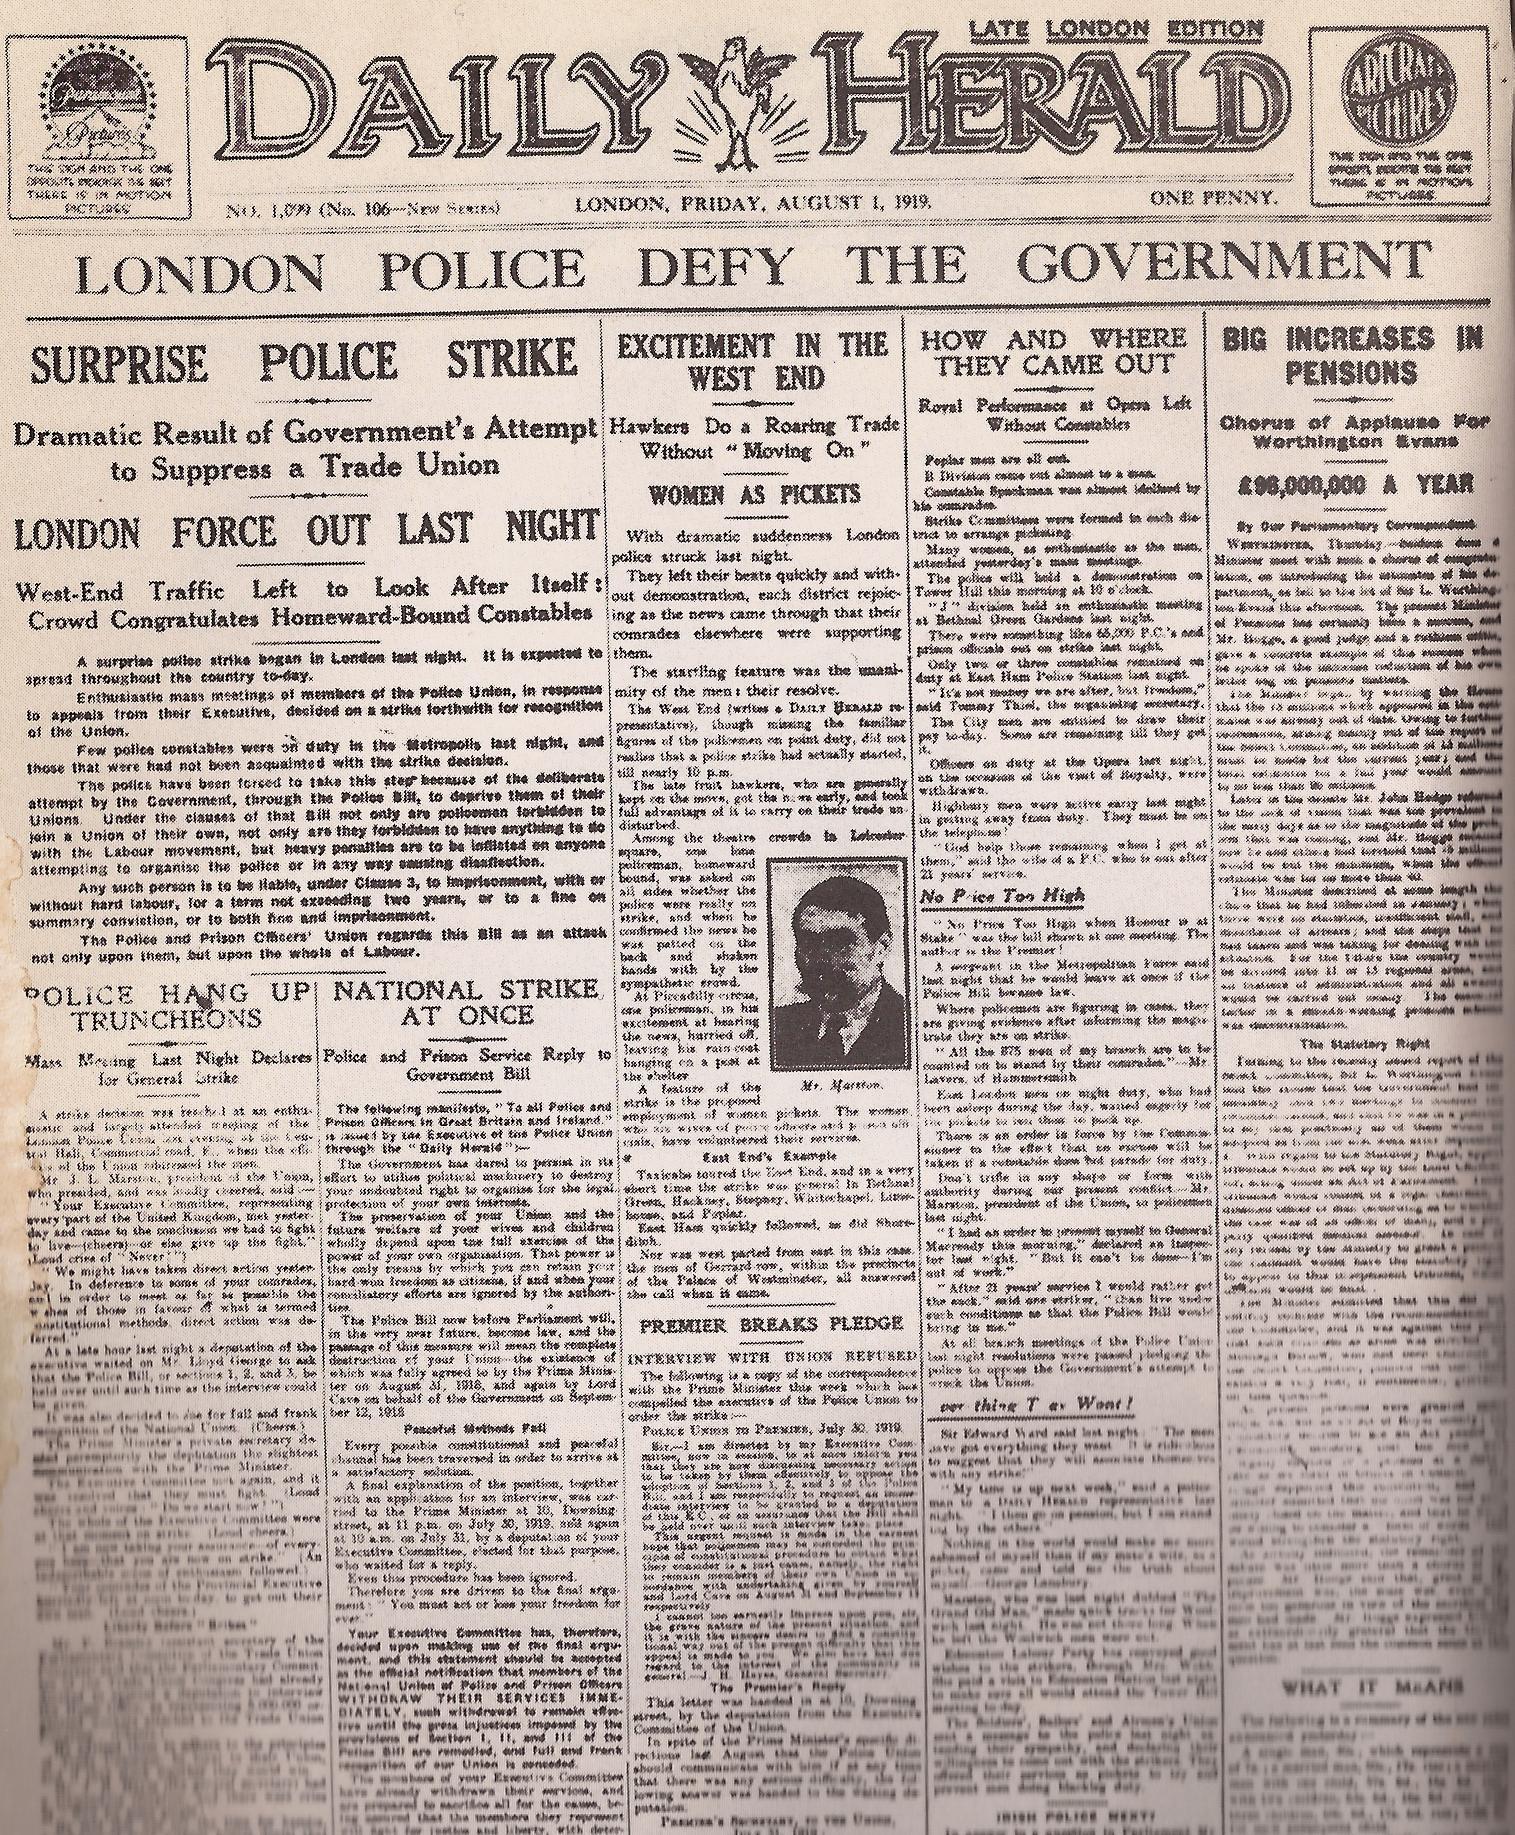 1919 paper herald